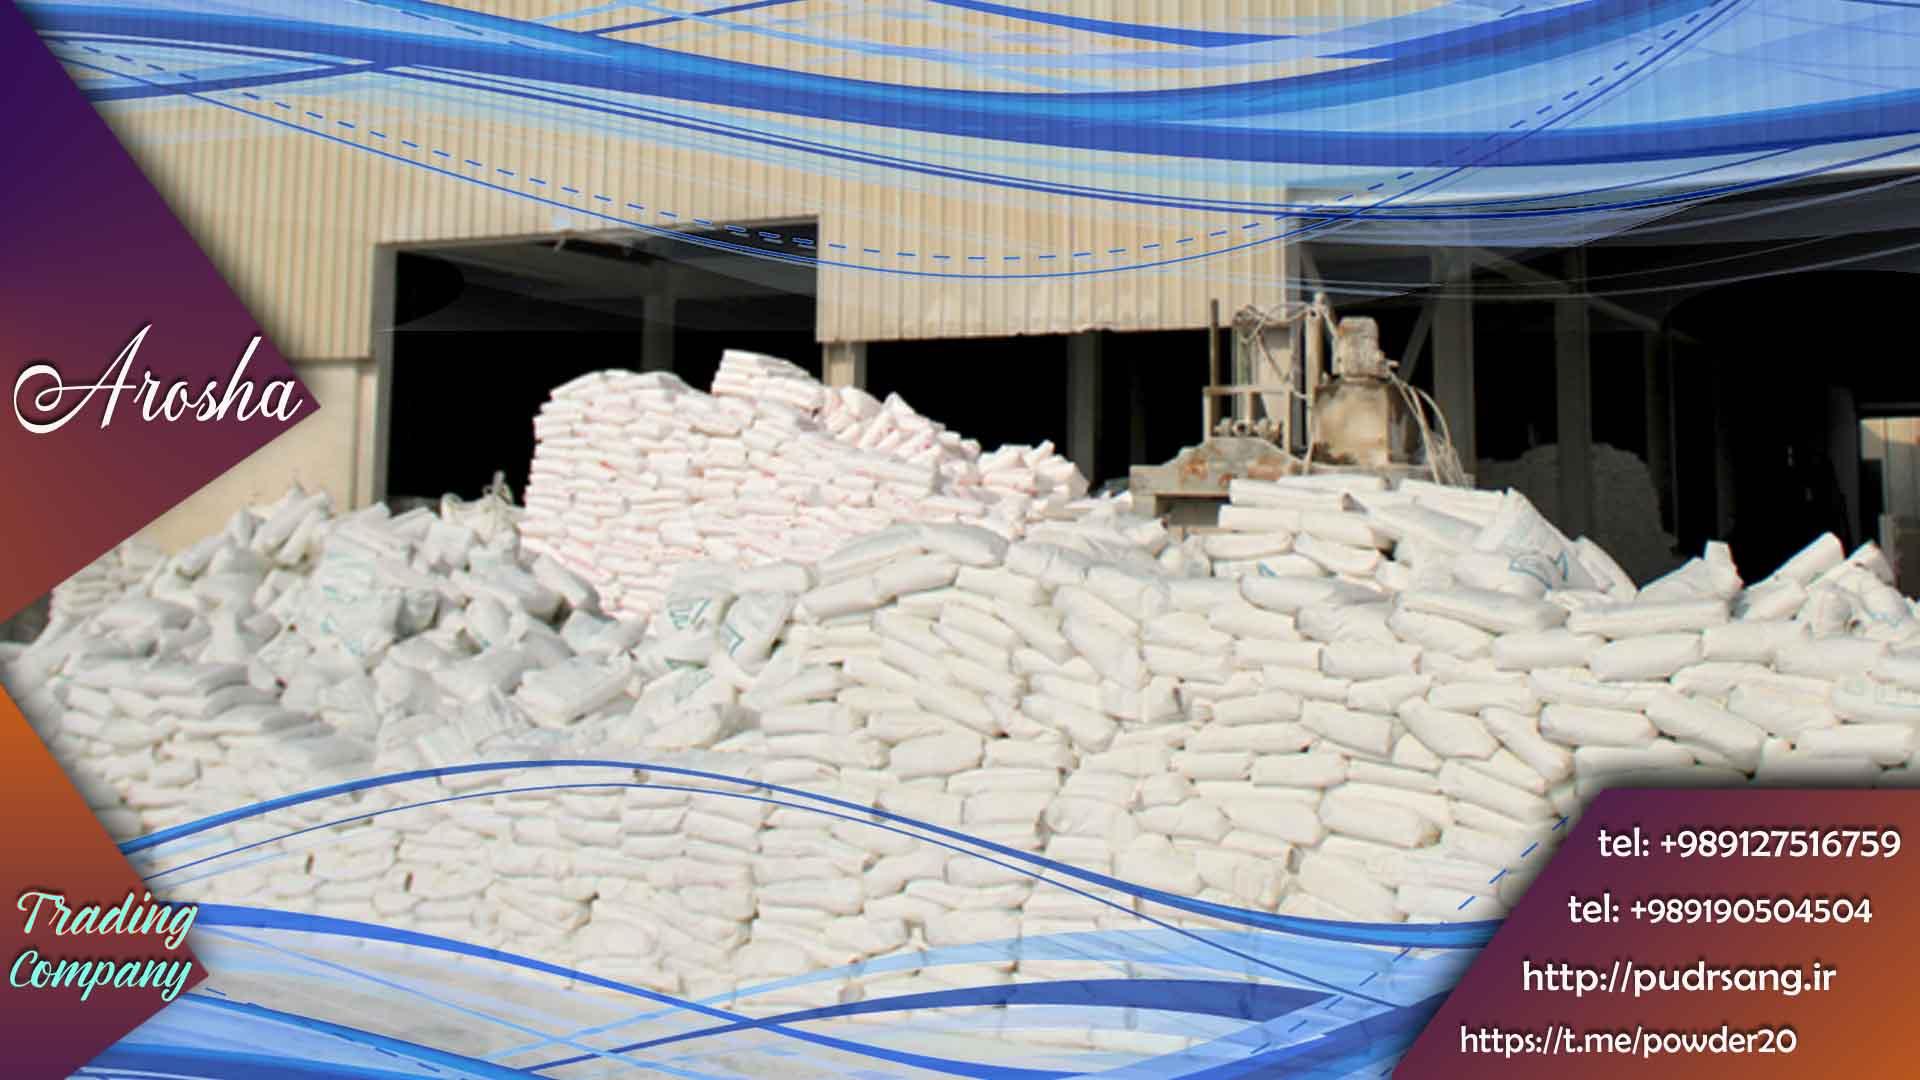 تولید پودر سنگ مخصوص بند کشی